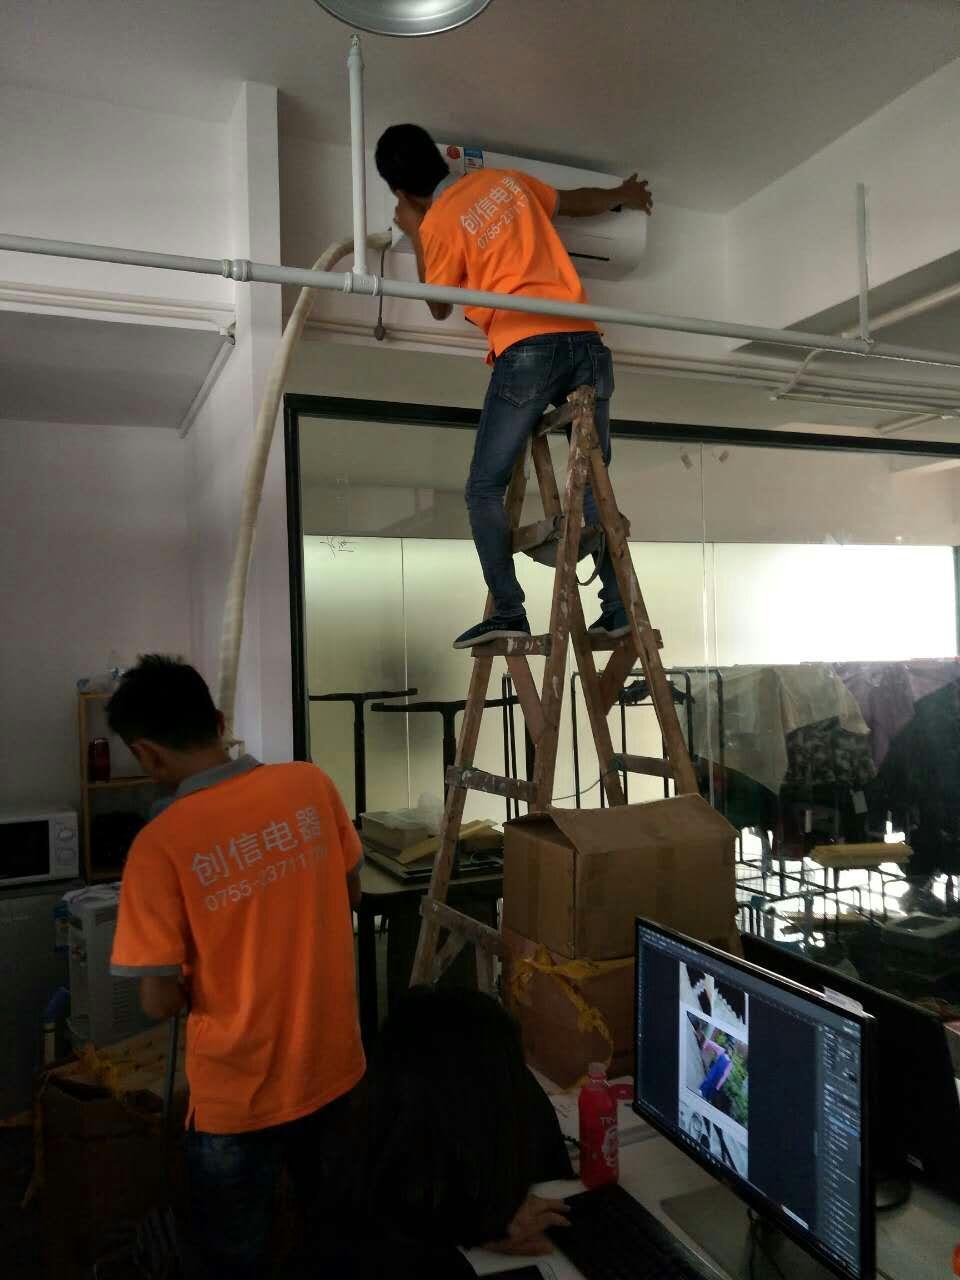 深圳创信电器专业维修清洗中央空调 家用空调专业拆装上门服务价格